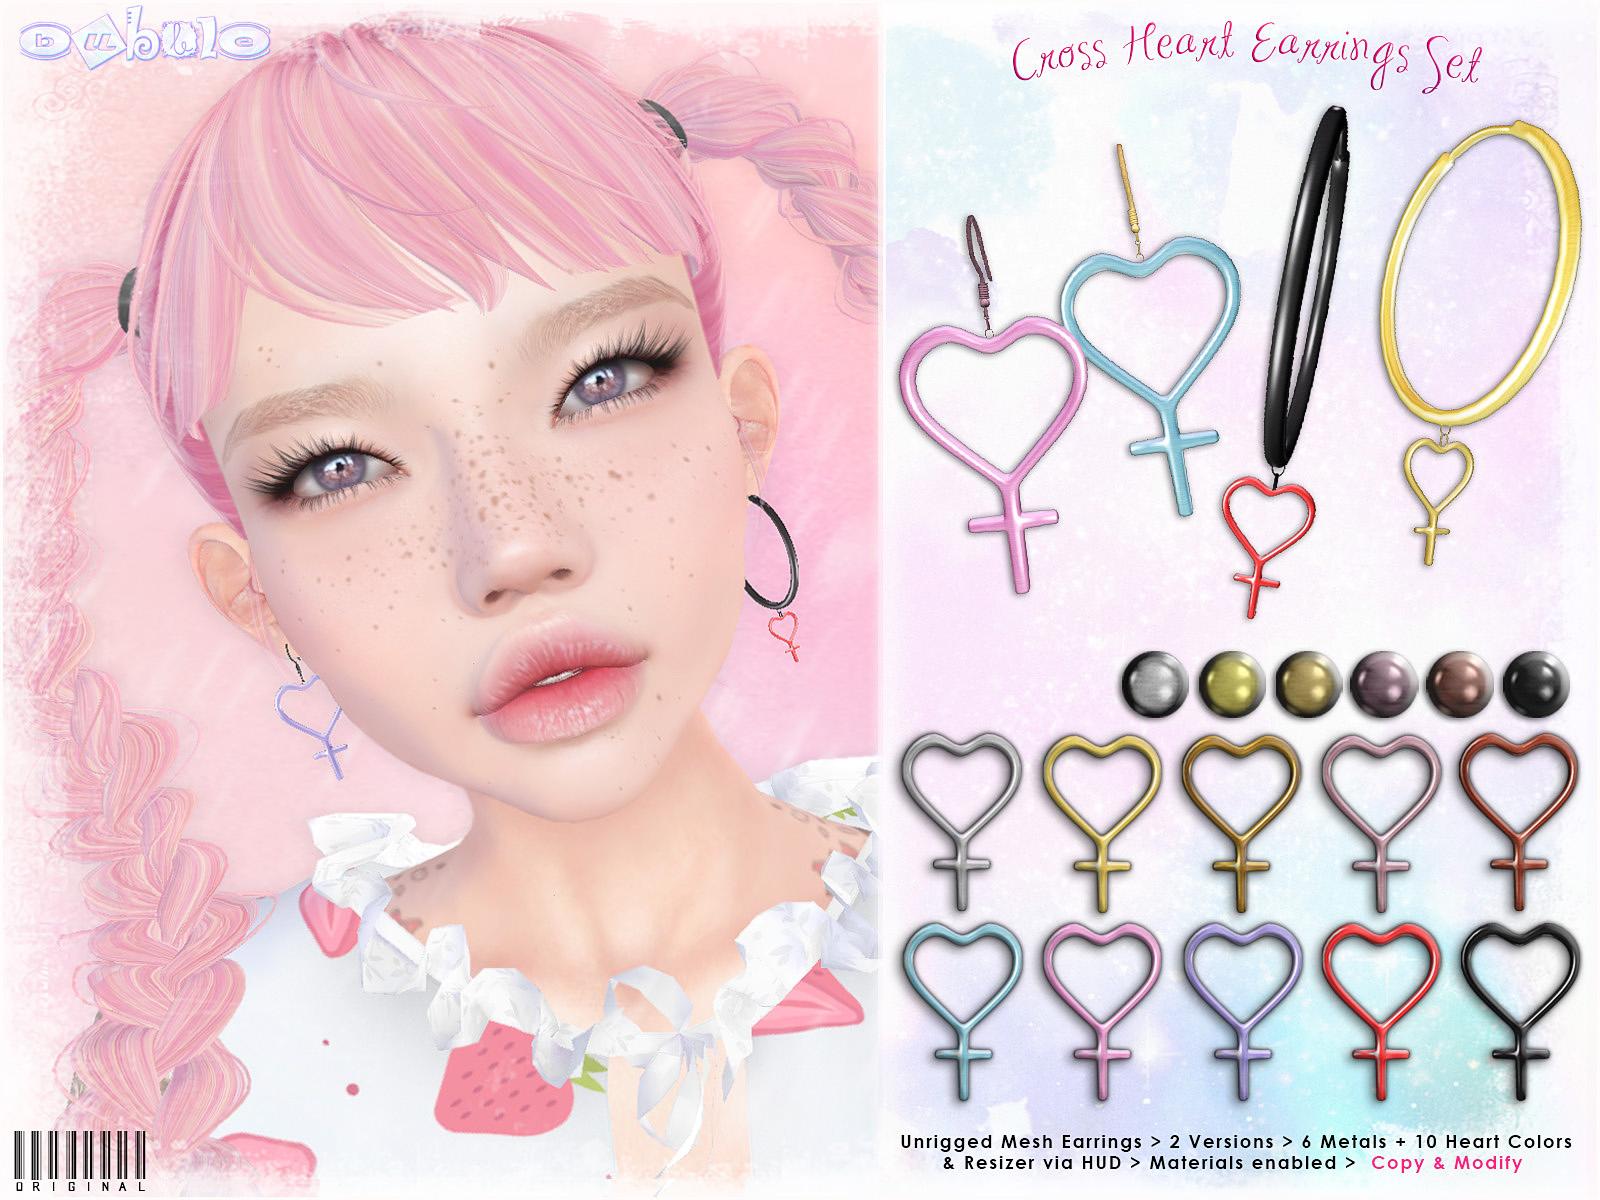 Cross Heart Earrings Set AD.jpg